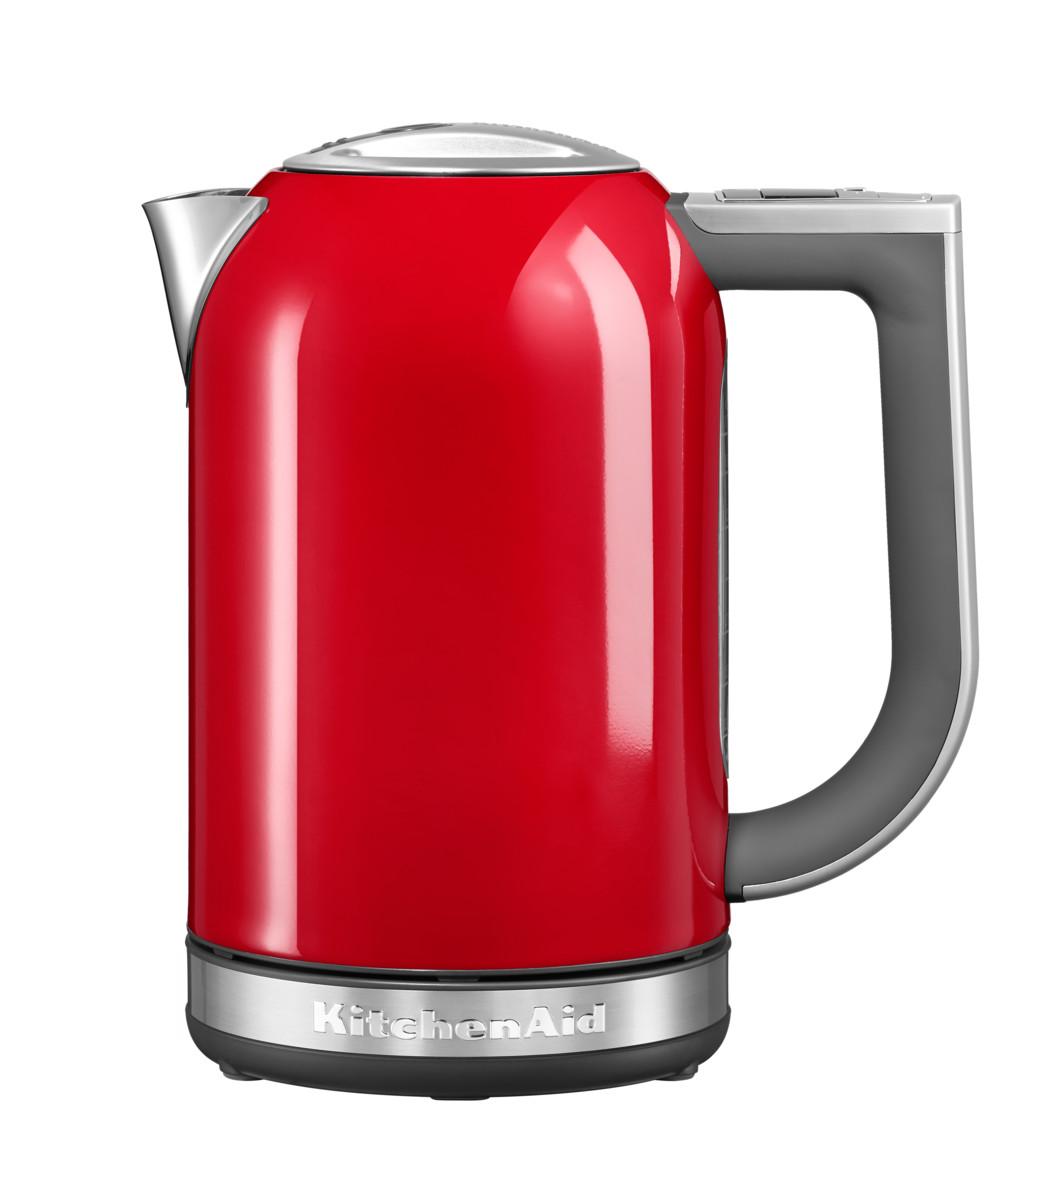 Rýchlovarná kanvica 1,7 l kráľovská červená KitchenAid - KitchenAid 5KEK1722